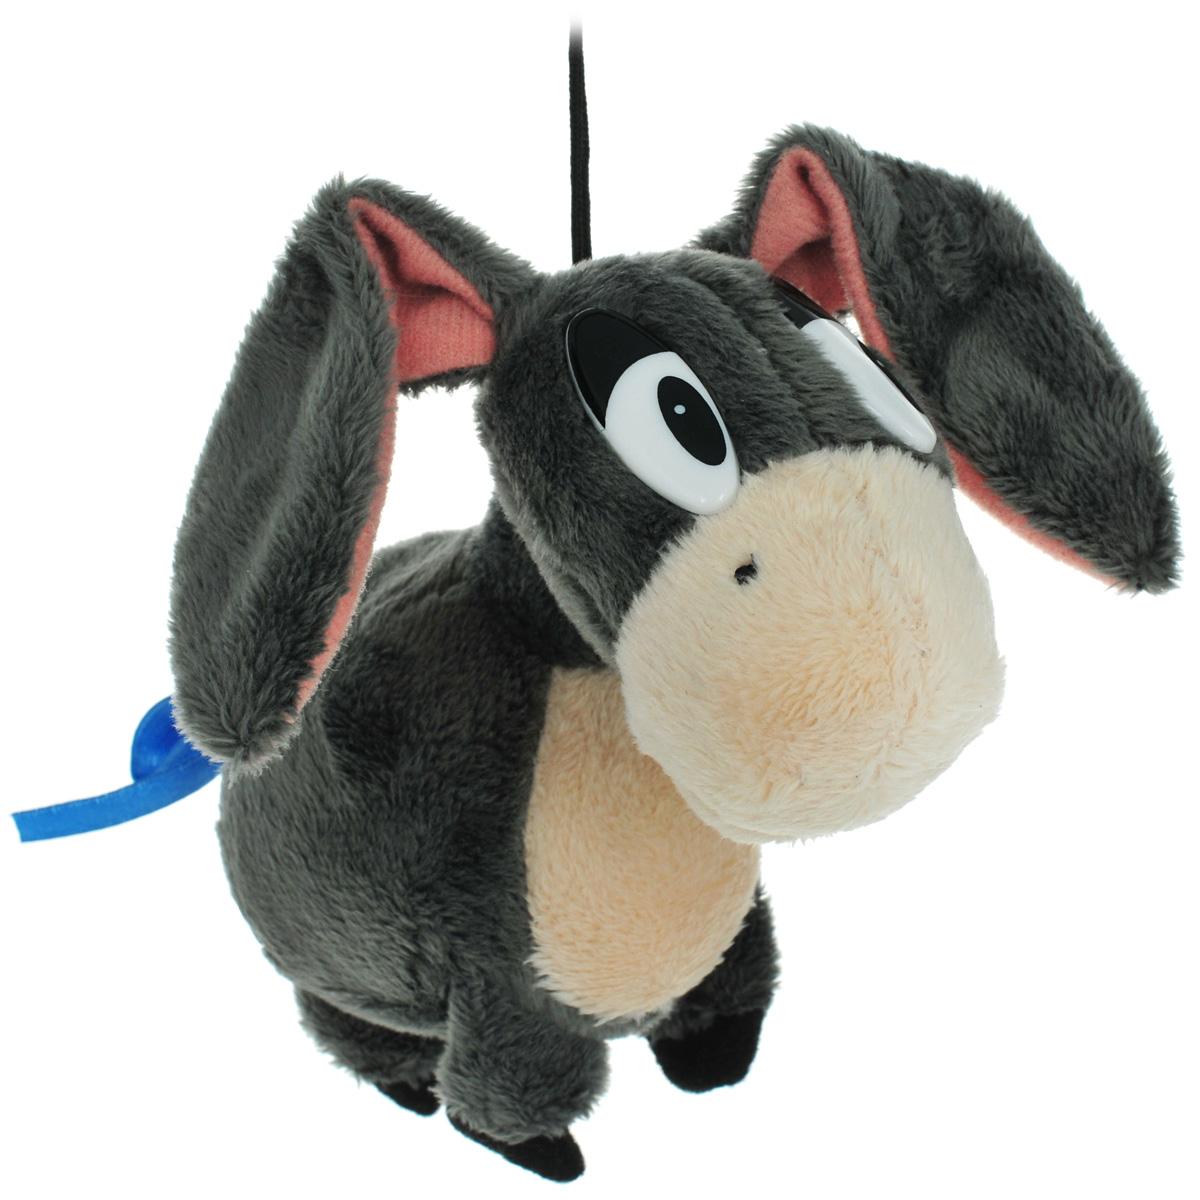 Мягкая игрушка Fancy Ослик Иа-Иа, 11 смОСЛУ0Мягкая игрушка Fancy Ослик Иа-Иа выполнена в виде ослика Иа - одного из главных героев любимого многими мультфильма о приключениях Винни Пуха. Игрушка изготовлена из плюшa. Хвостик ослика перевязан синей атласной ленточкой. На голове у ослика есть текстильная веревочка высотой 5 см. Необычайно мягкая игрушка принесет радость и подарит своему обладателю мгновения нежных объятий и приятных воспоминаний.